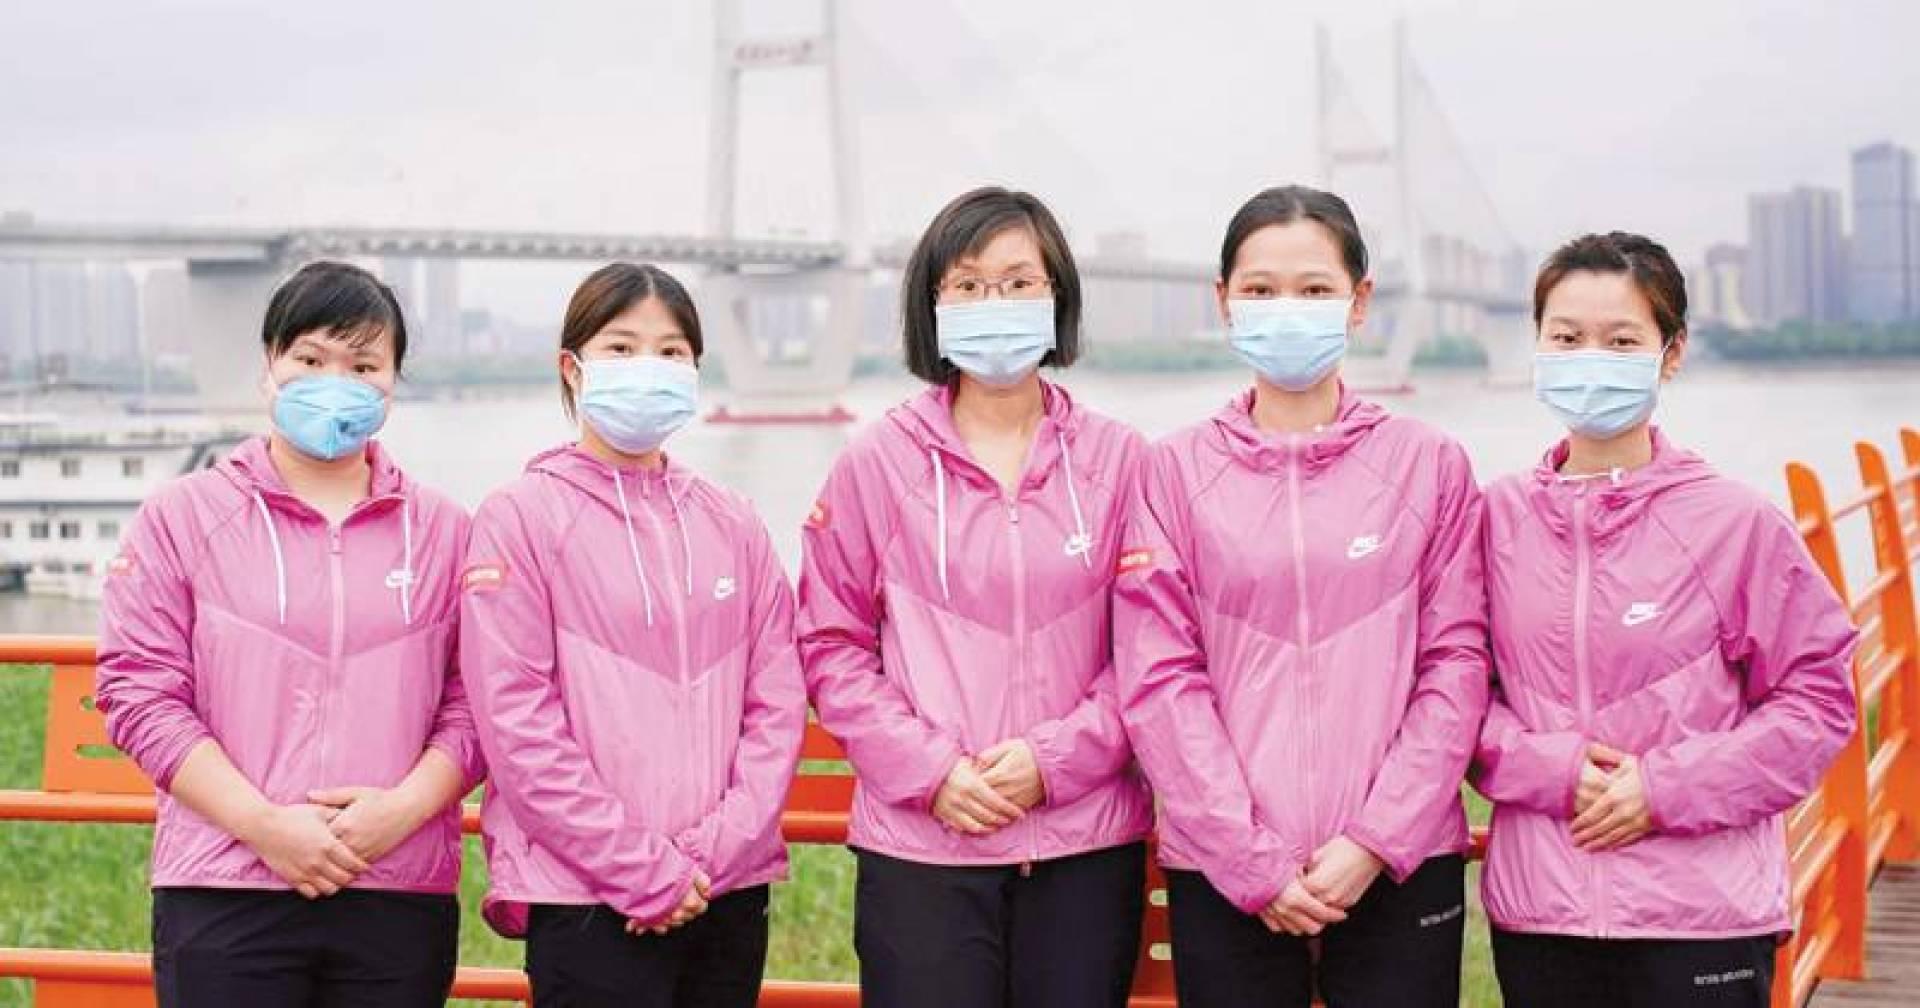 طبيبات يلتقطن صورة جماعية بعد وصولهن من غوانغدونغ إلى ووهان أمس (رويترز)